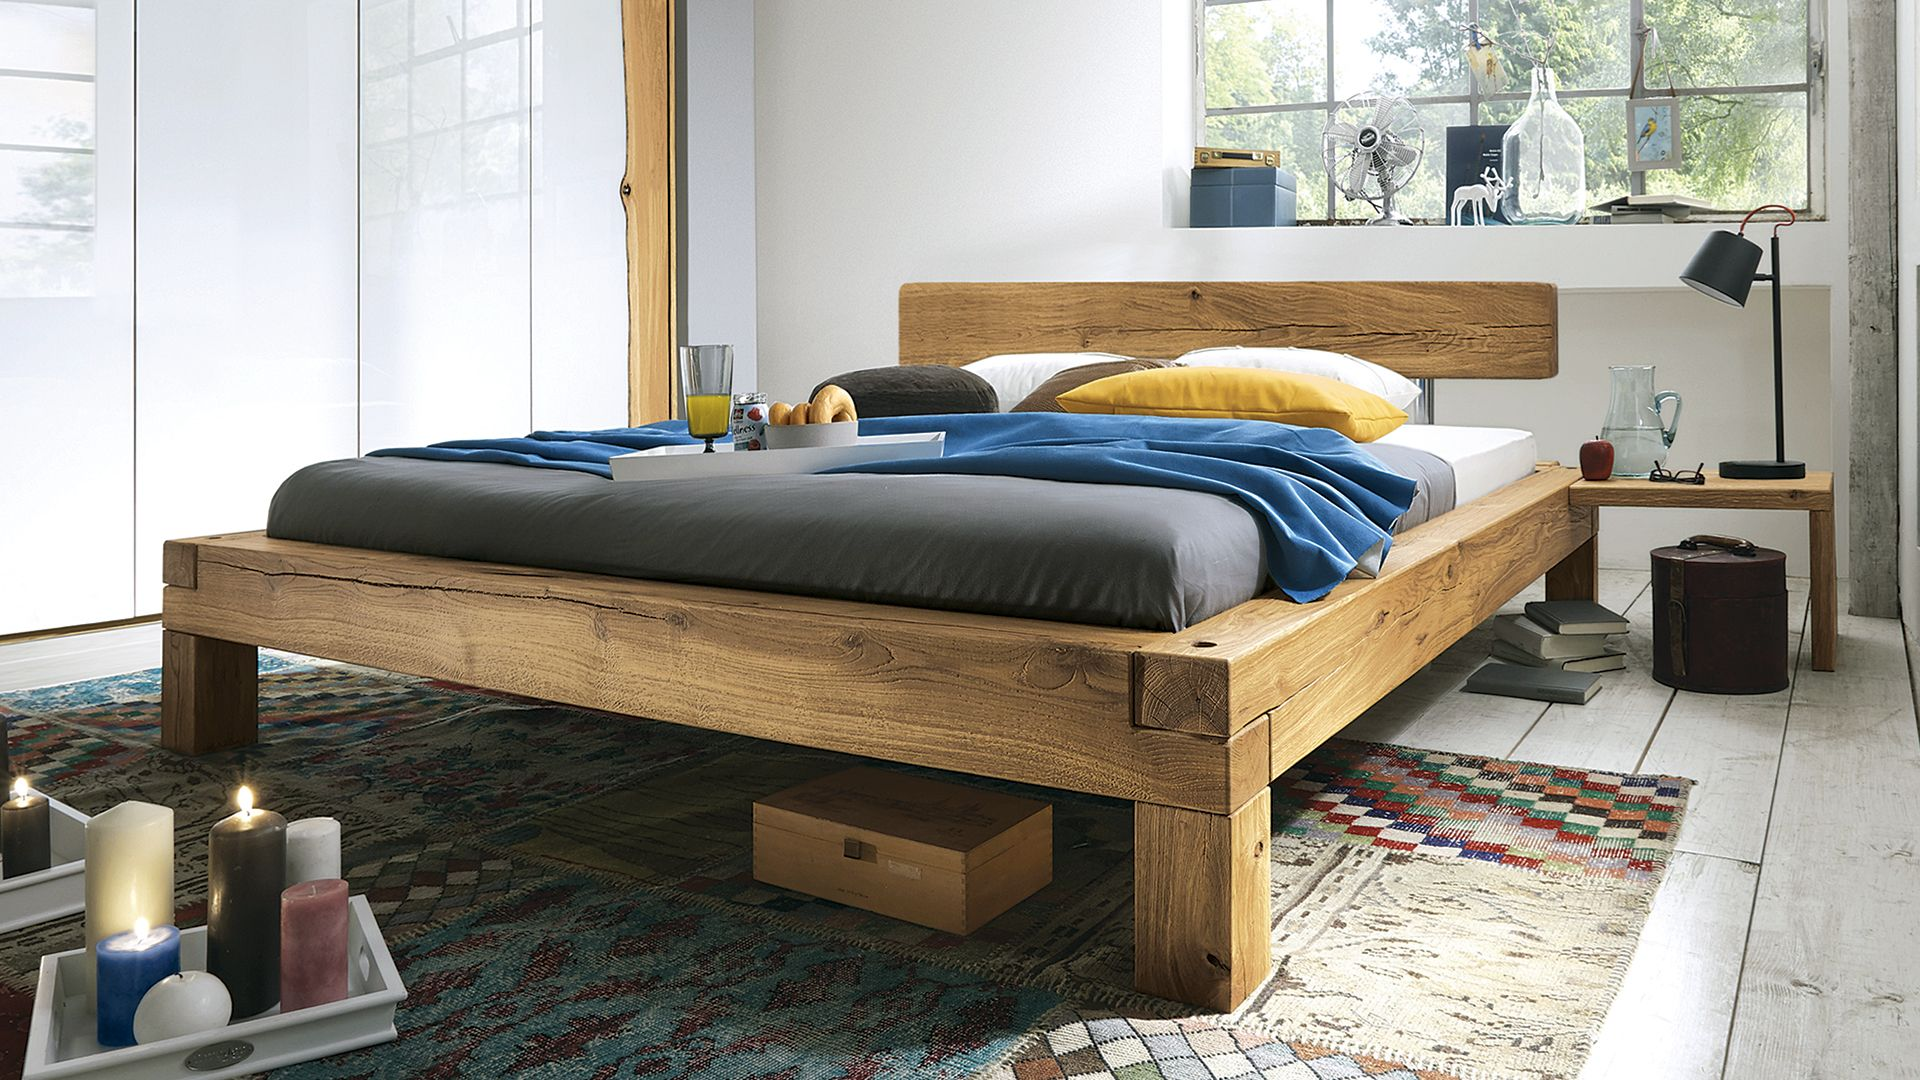 """Balkenbett """"Madea"""" (mit Bildern) Haus deko, Holz"""